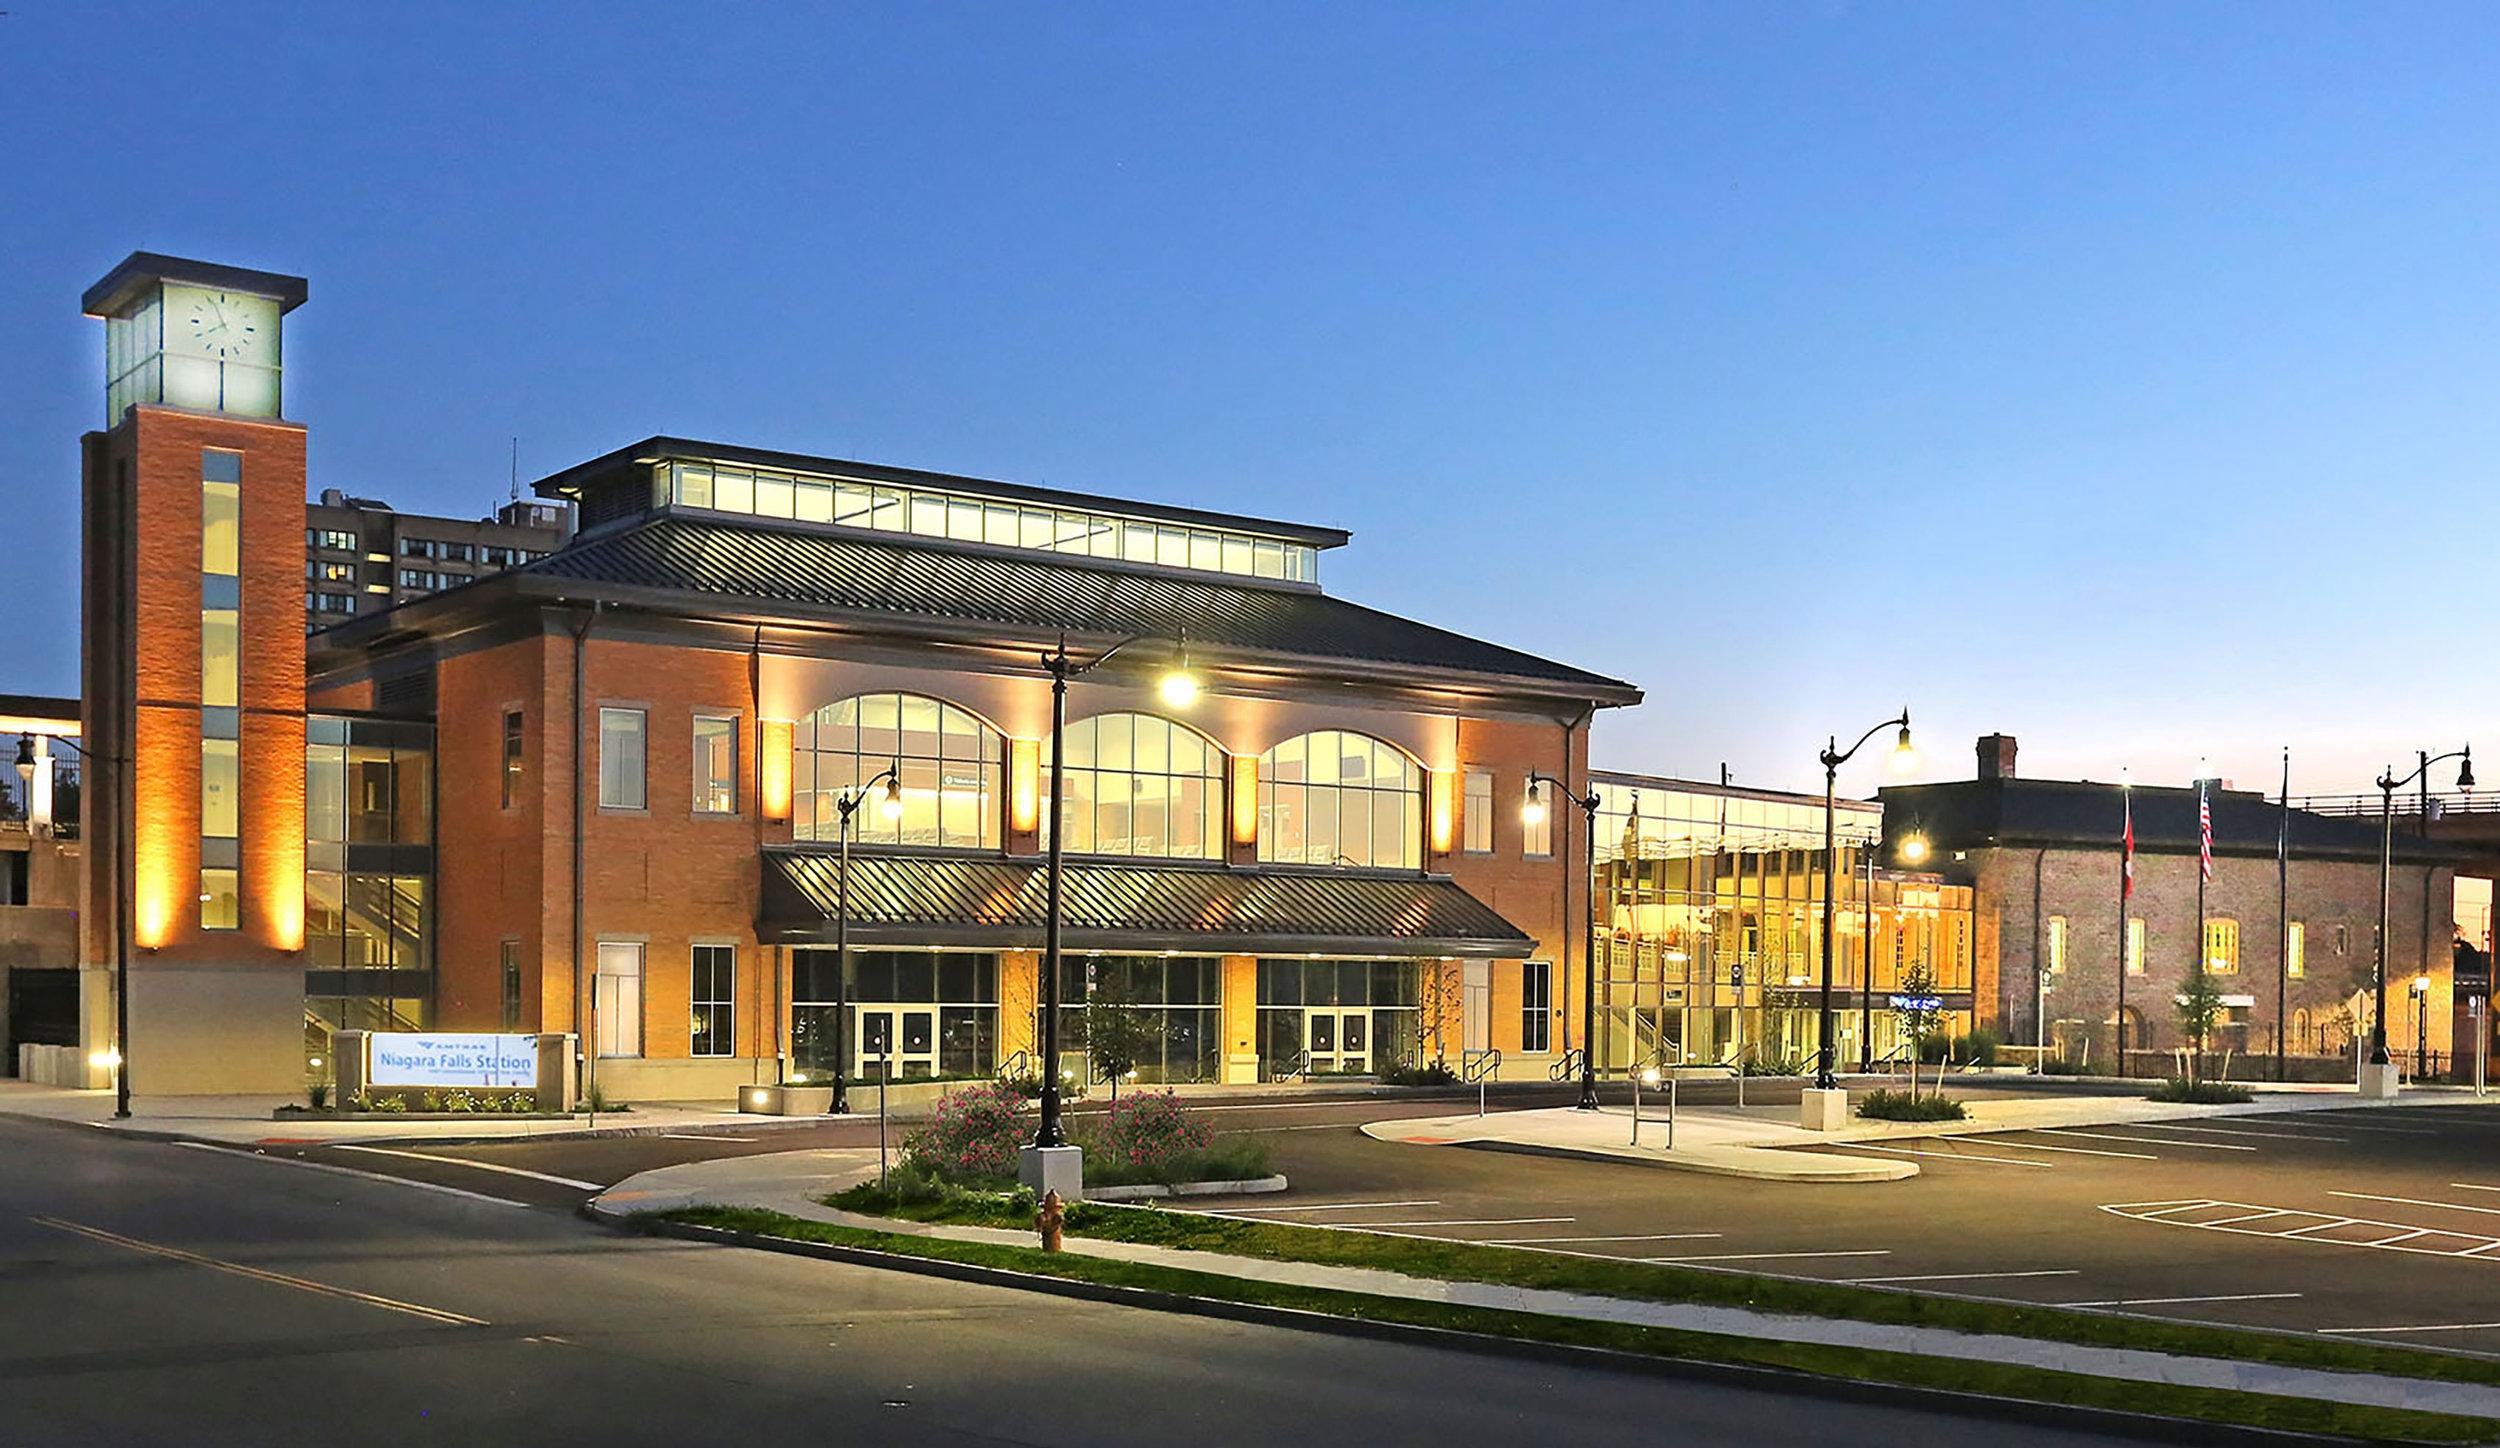 Niagara Falls Intermodal Transportation Center